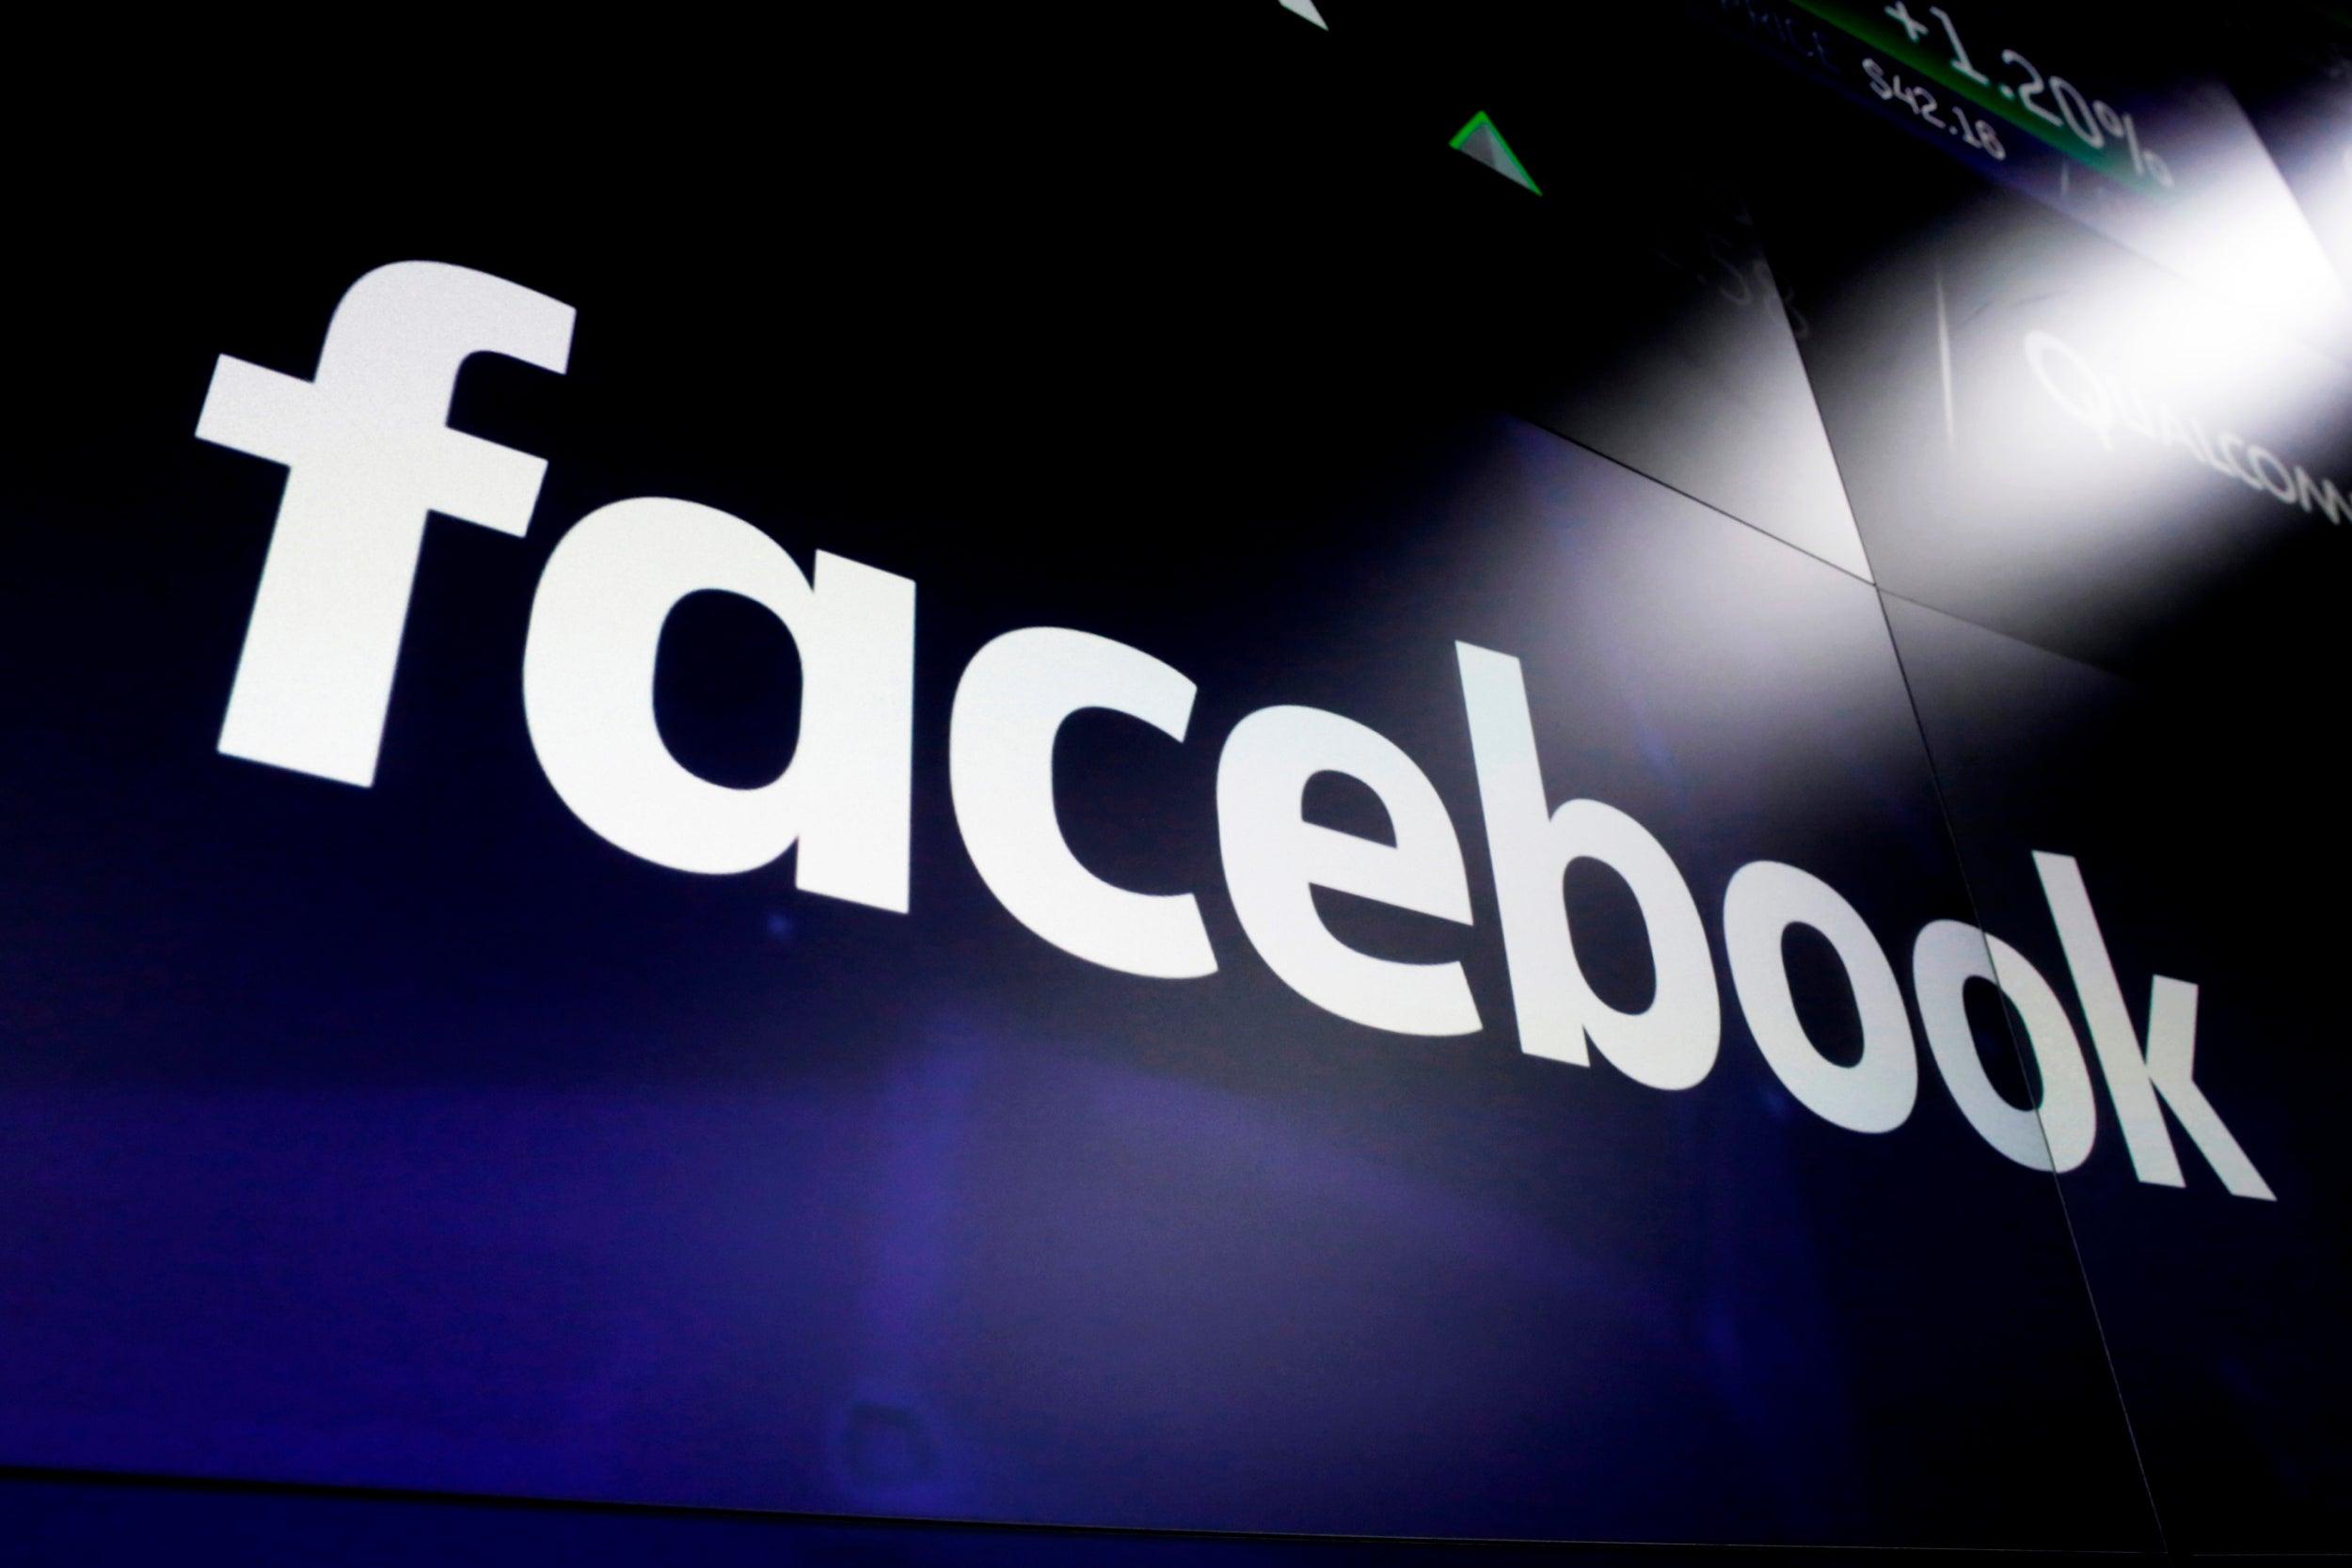 Itt a Facebook magánlista!